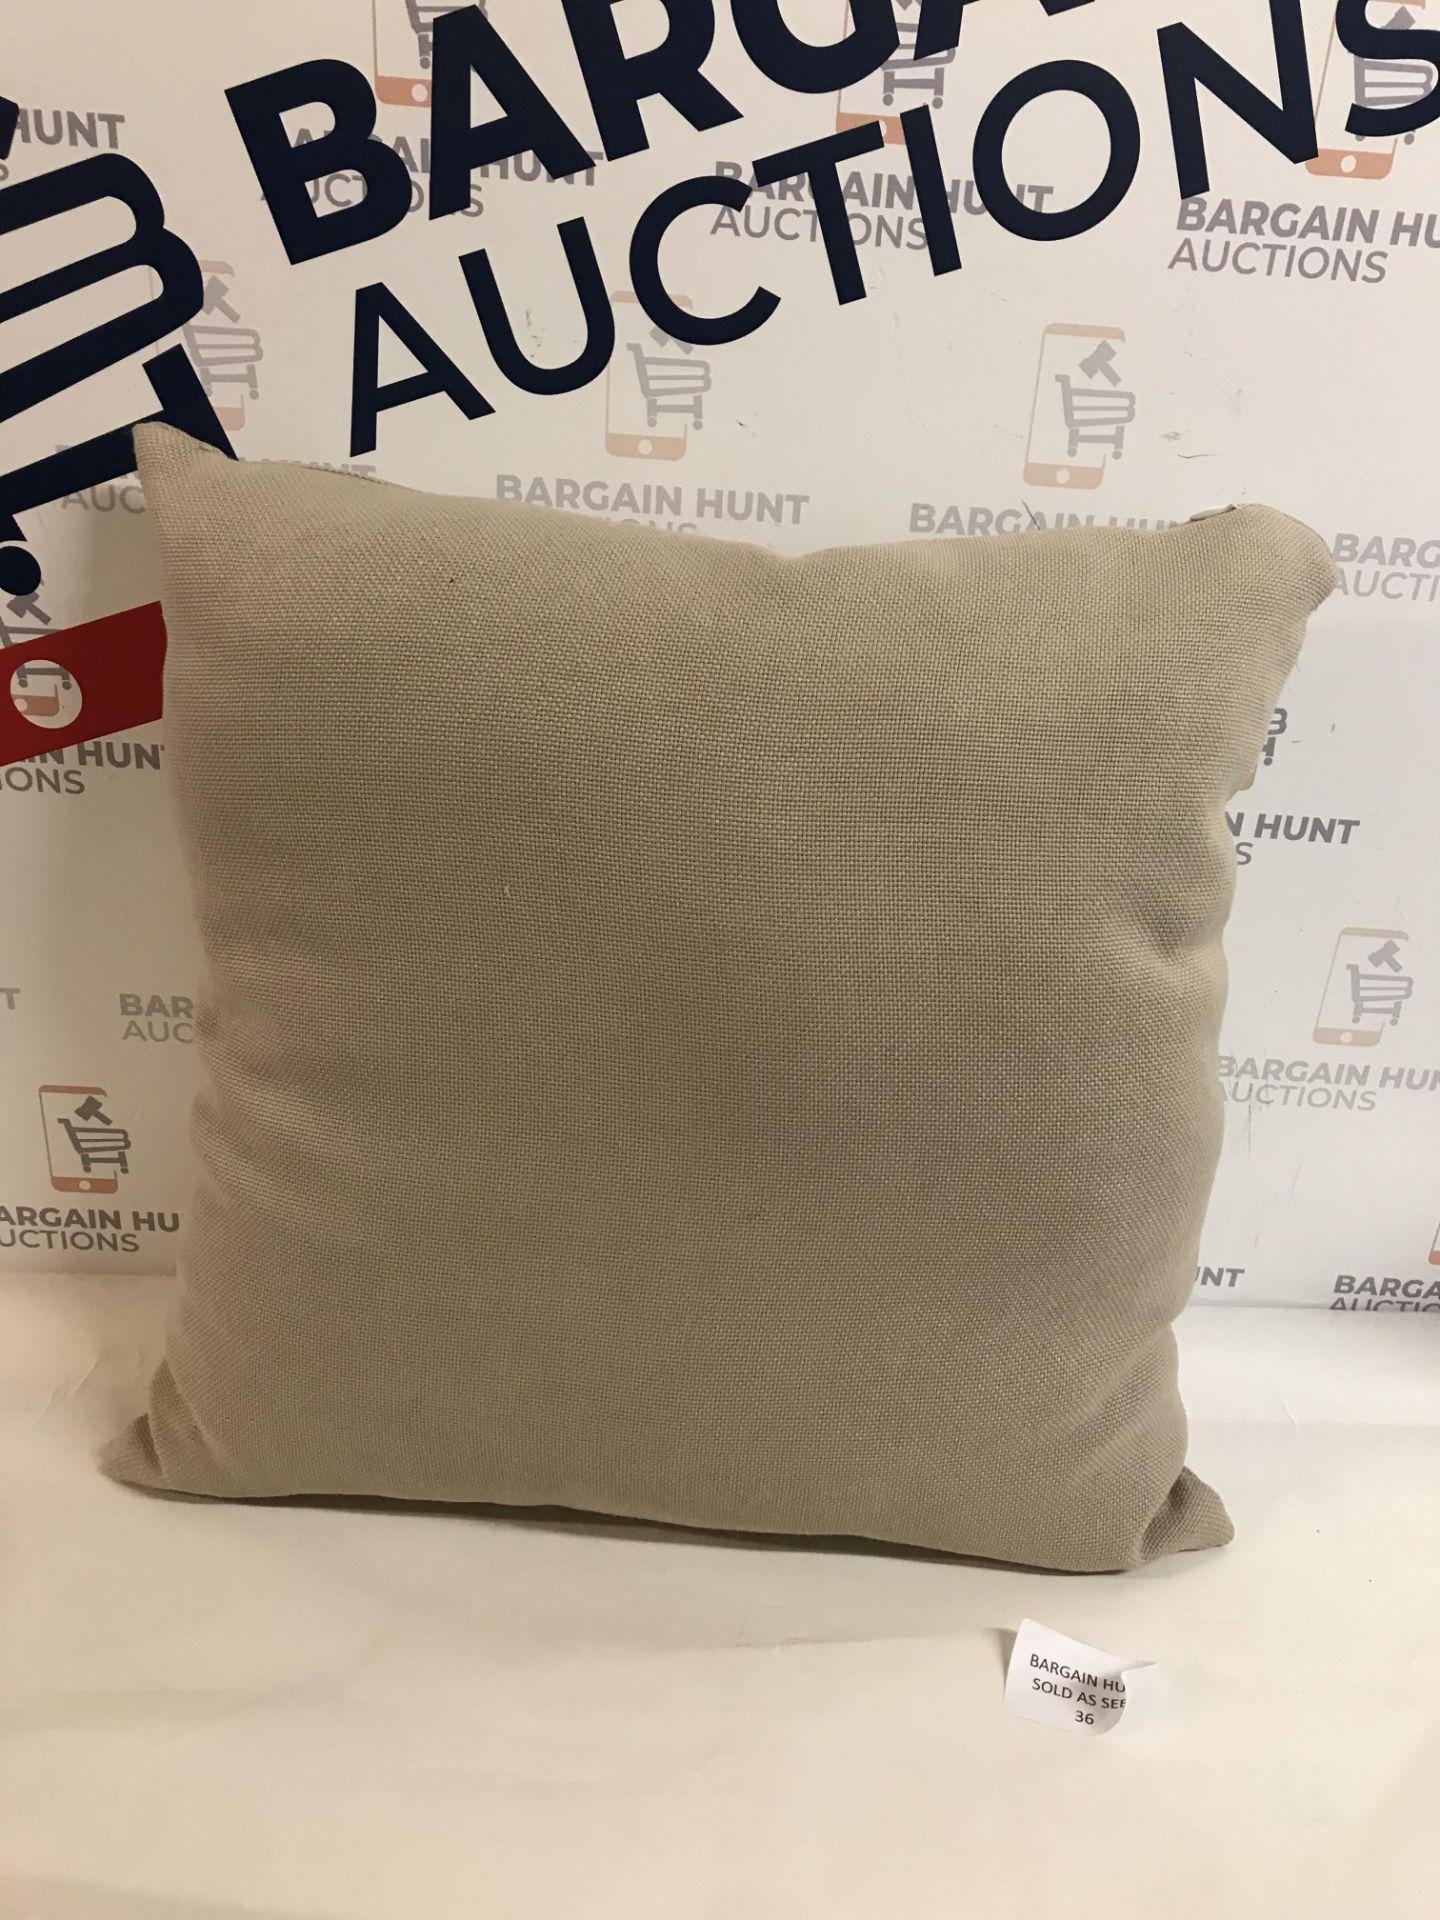 Lot 36 - Banbury Cushion